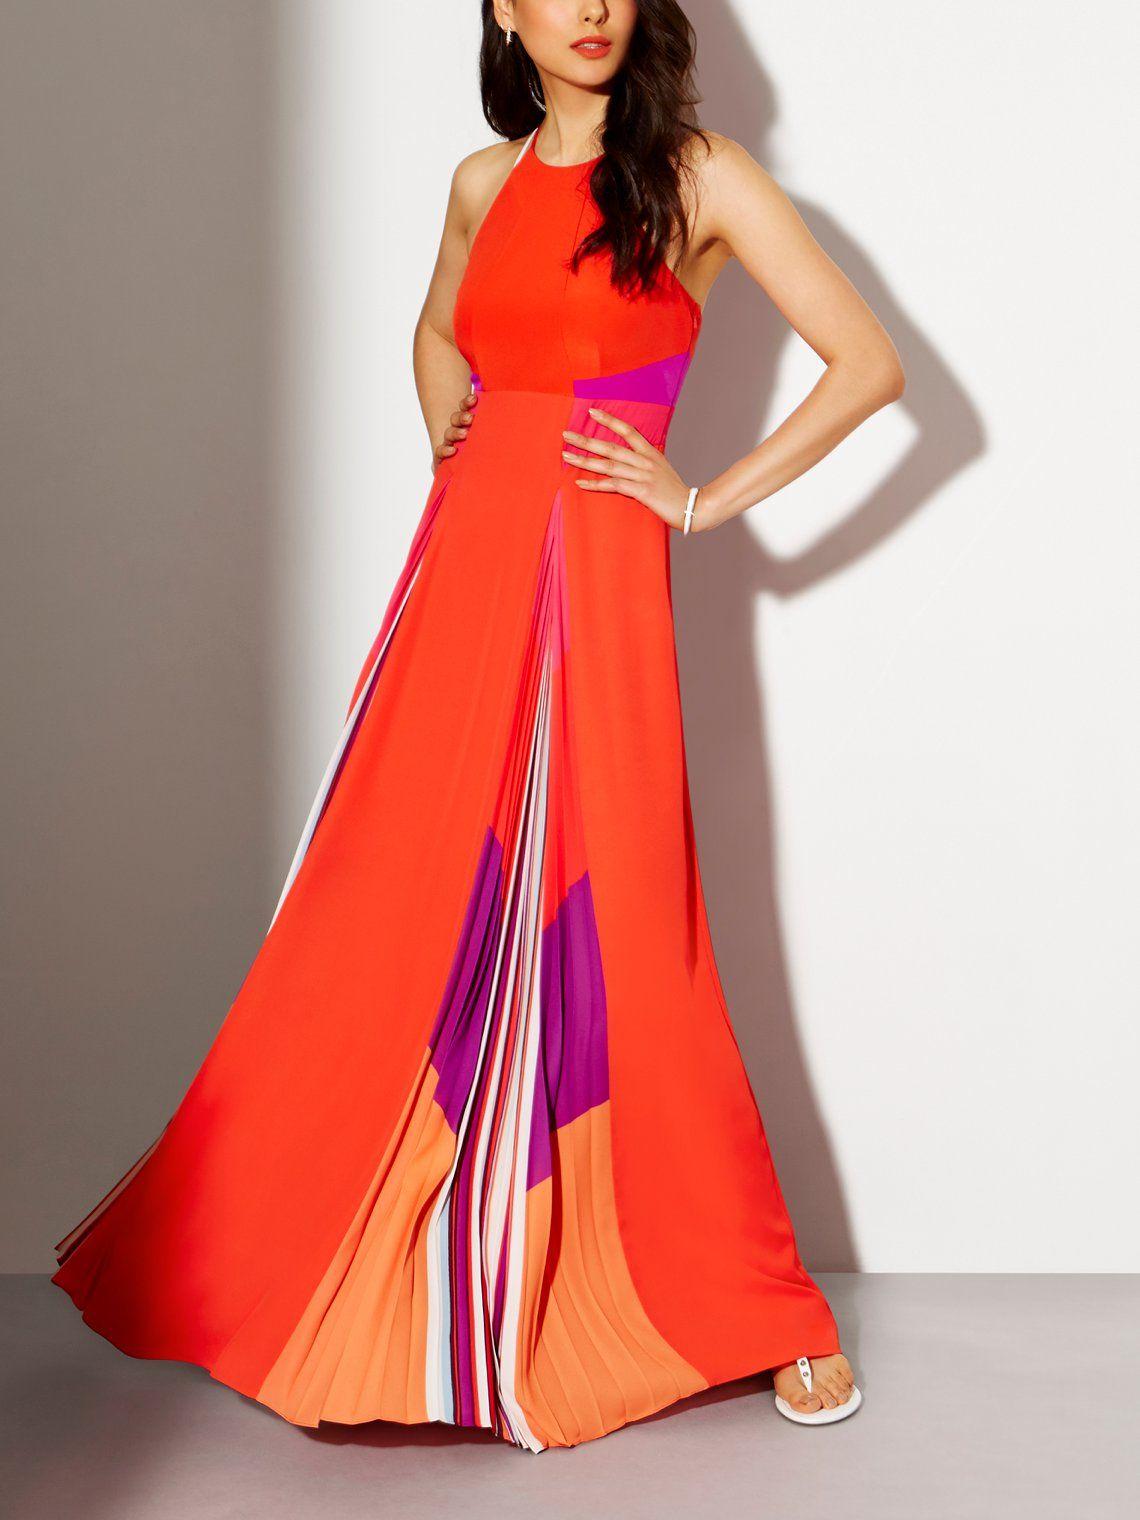 4a95a5bc98 Honeymoon outfit inspiration - our top 10 picks from Karen Millen ...